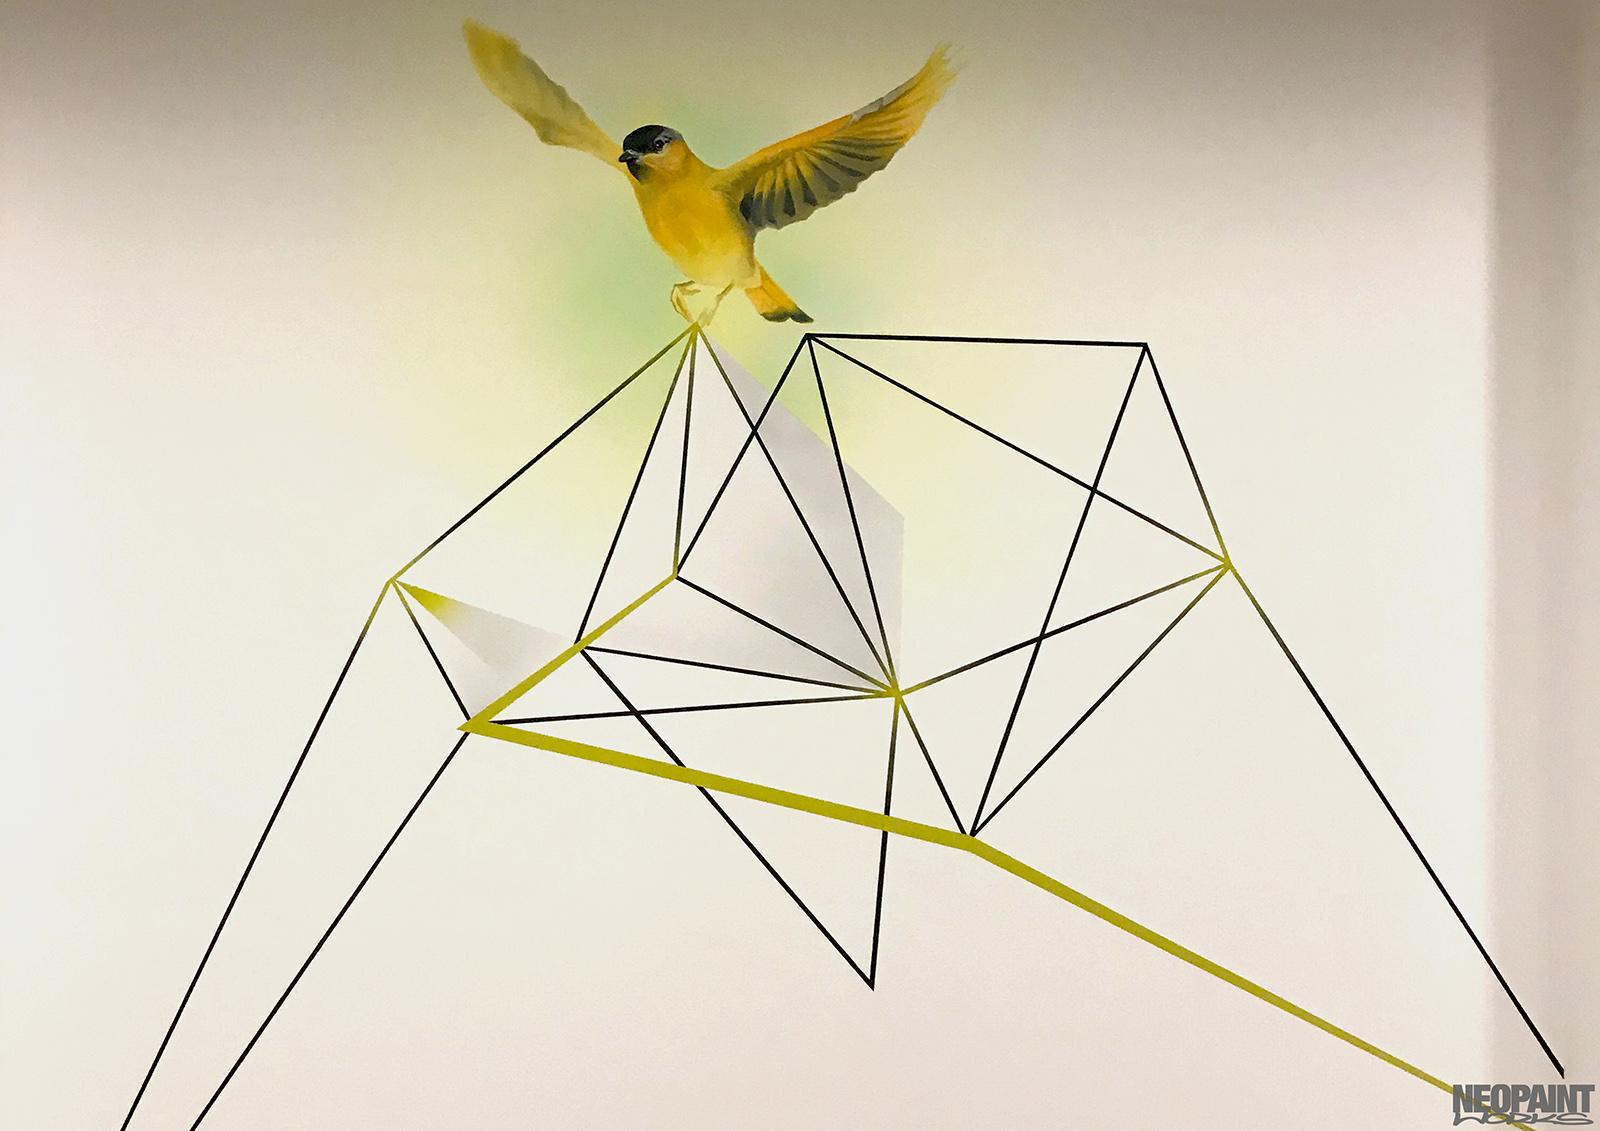 dekorációs falfestés - díszítő festés - neopaint works - madár